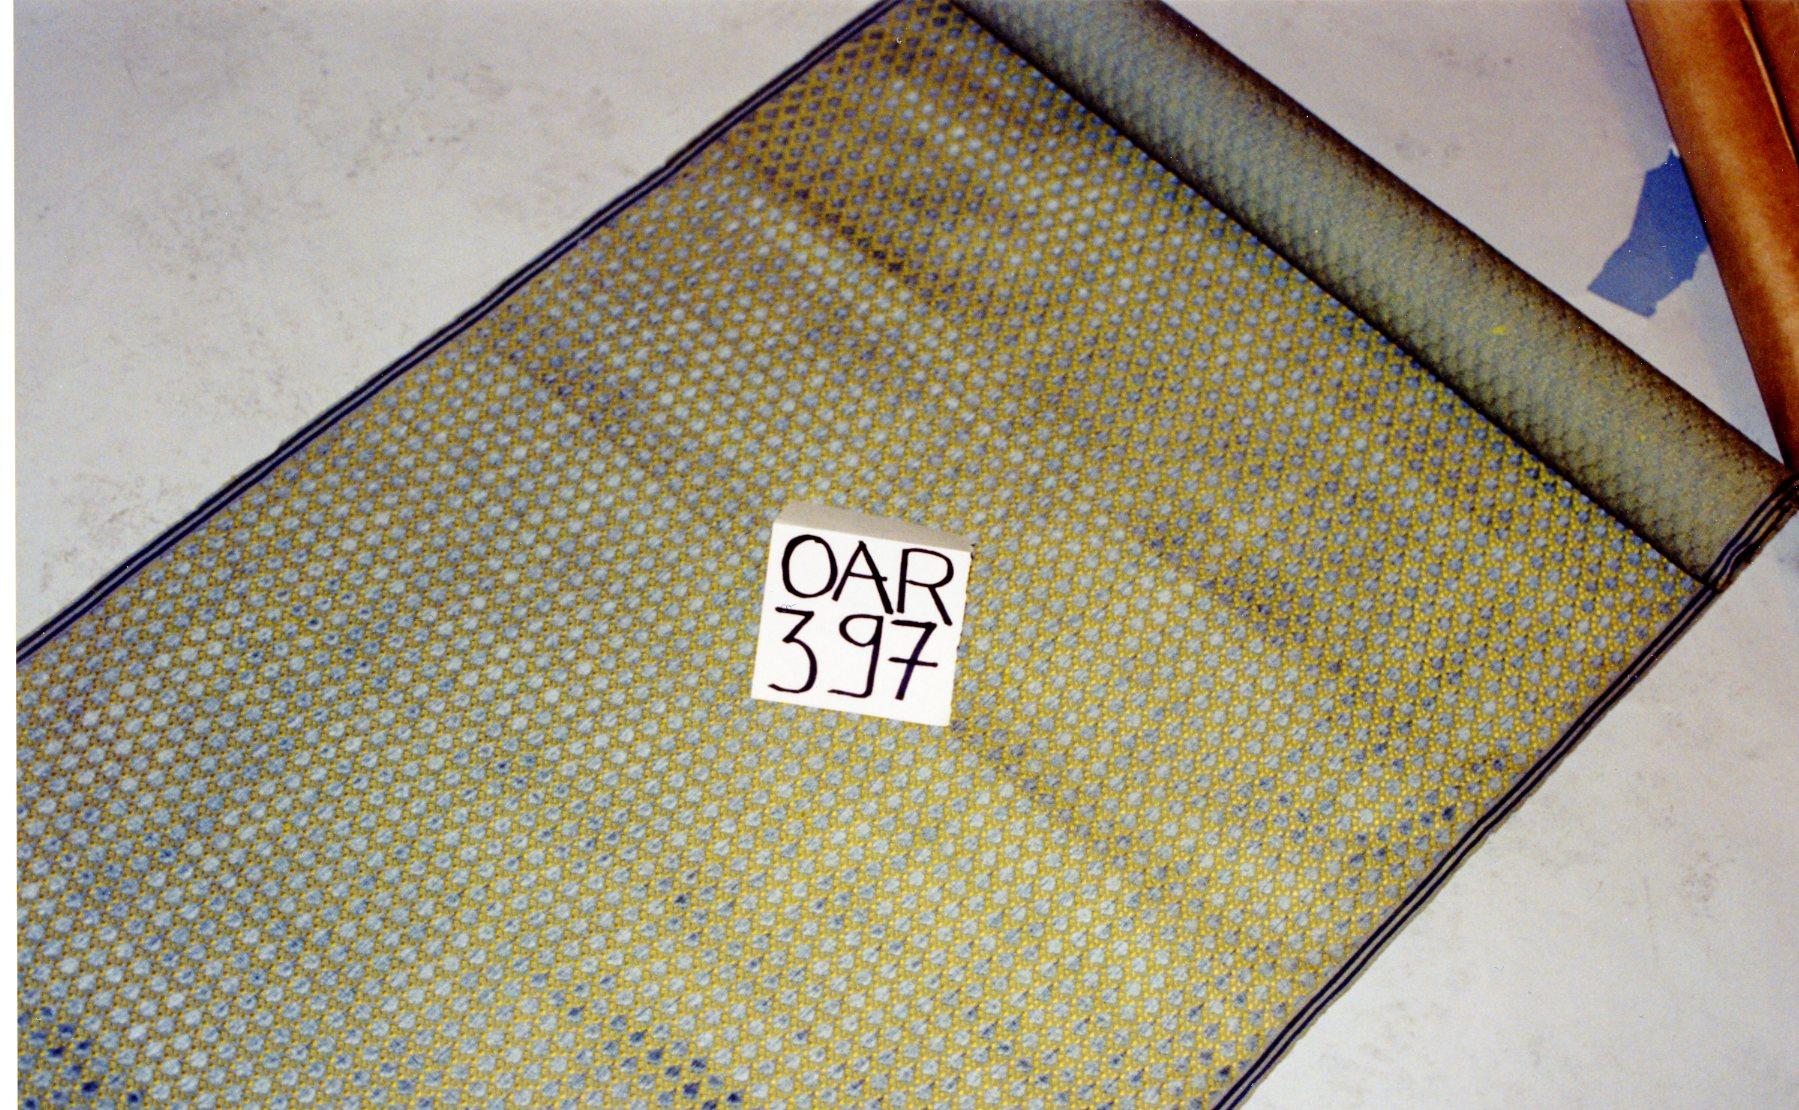 mnr/OAR00397/OAR397001.jpg